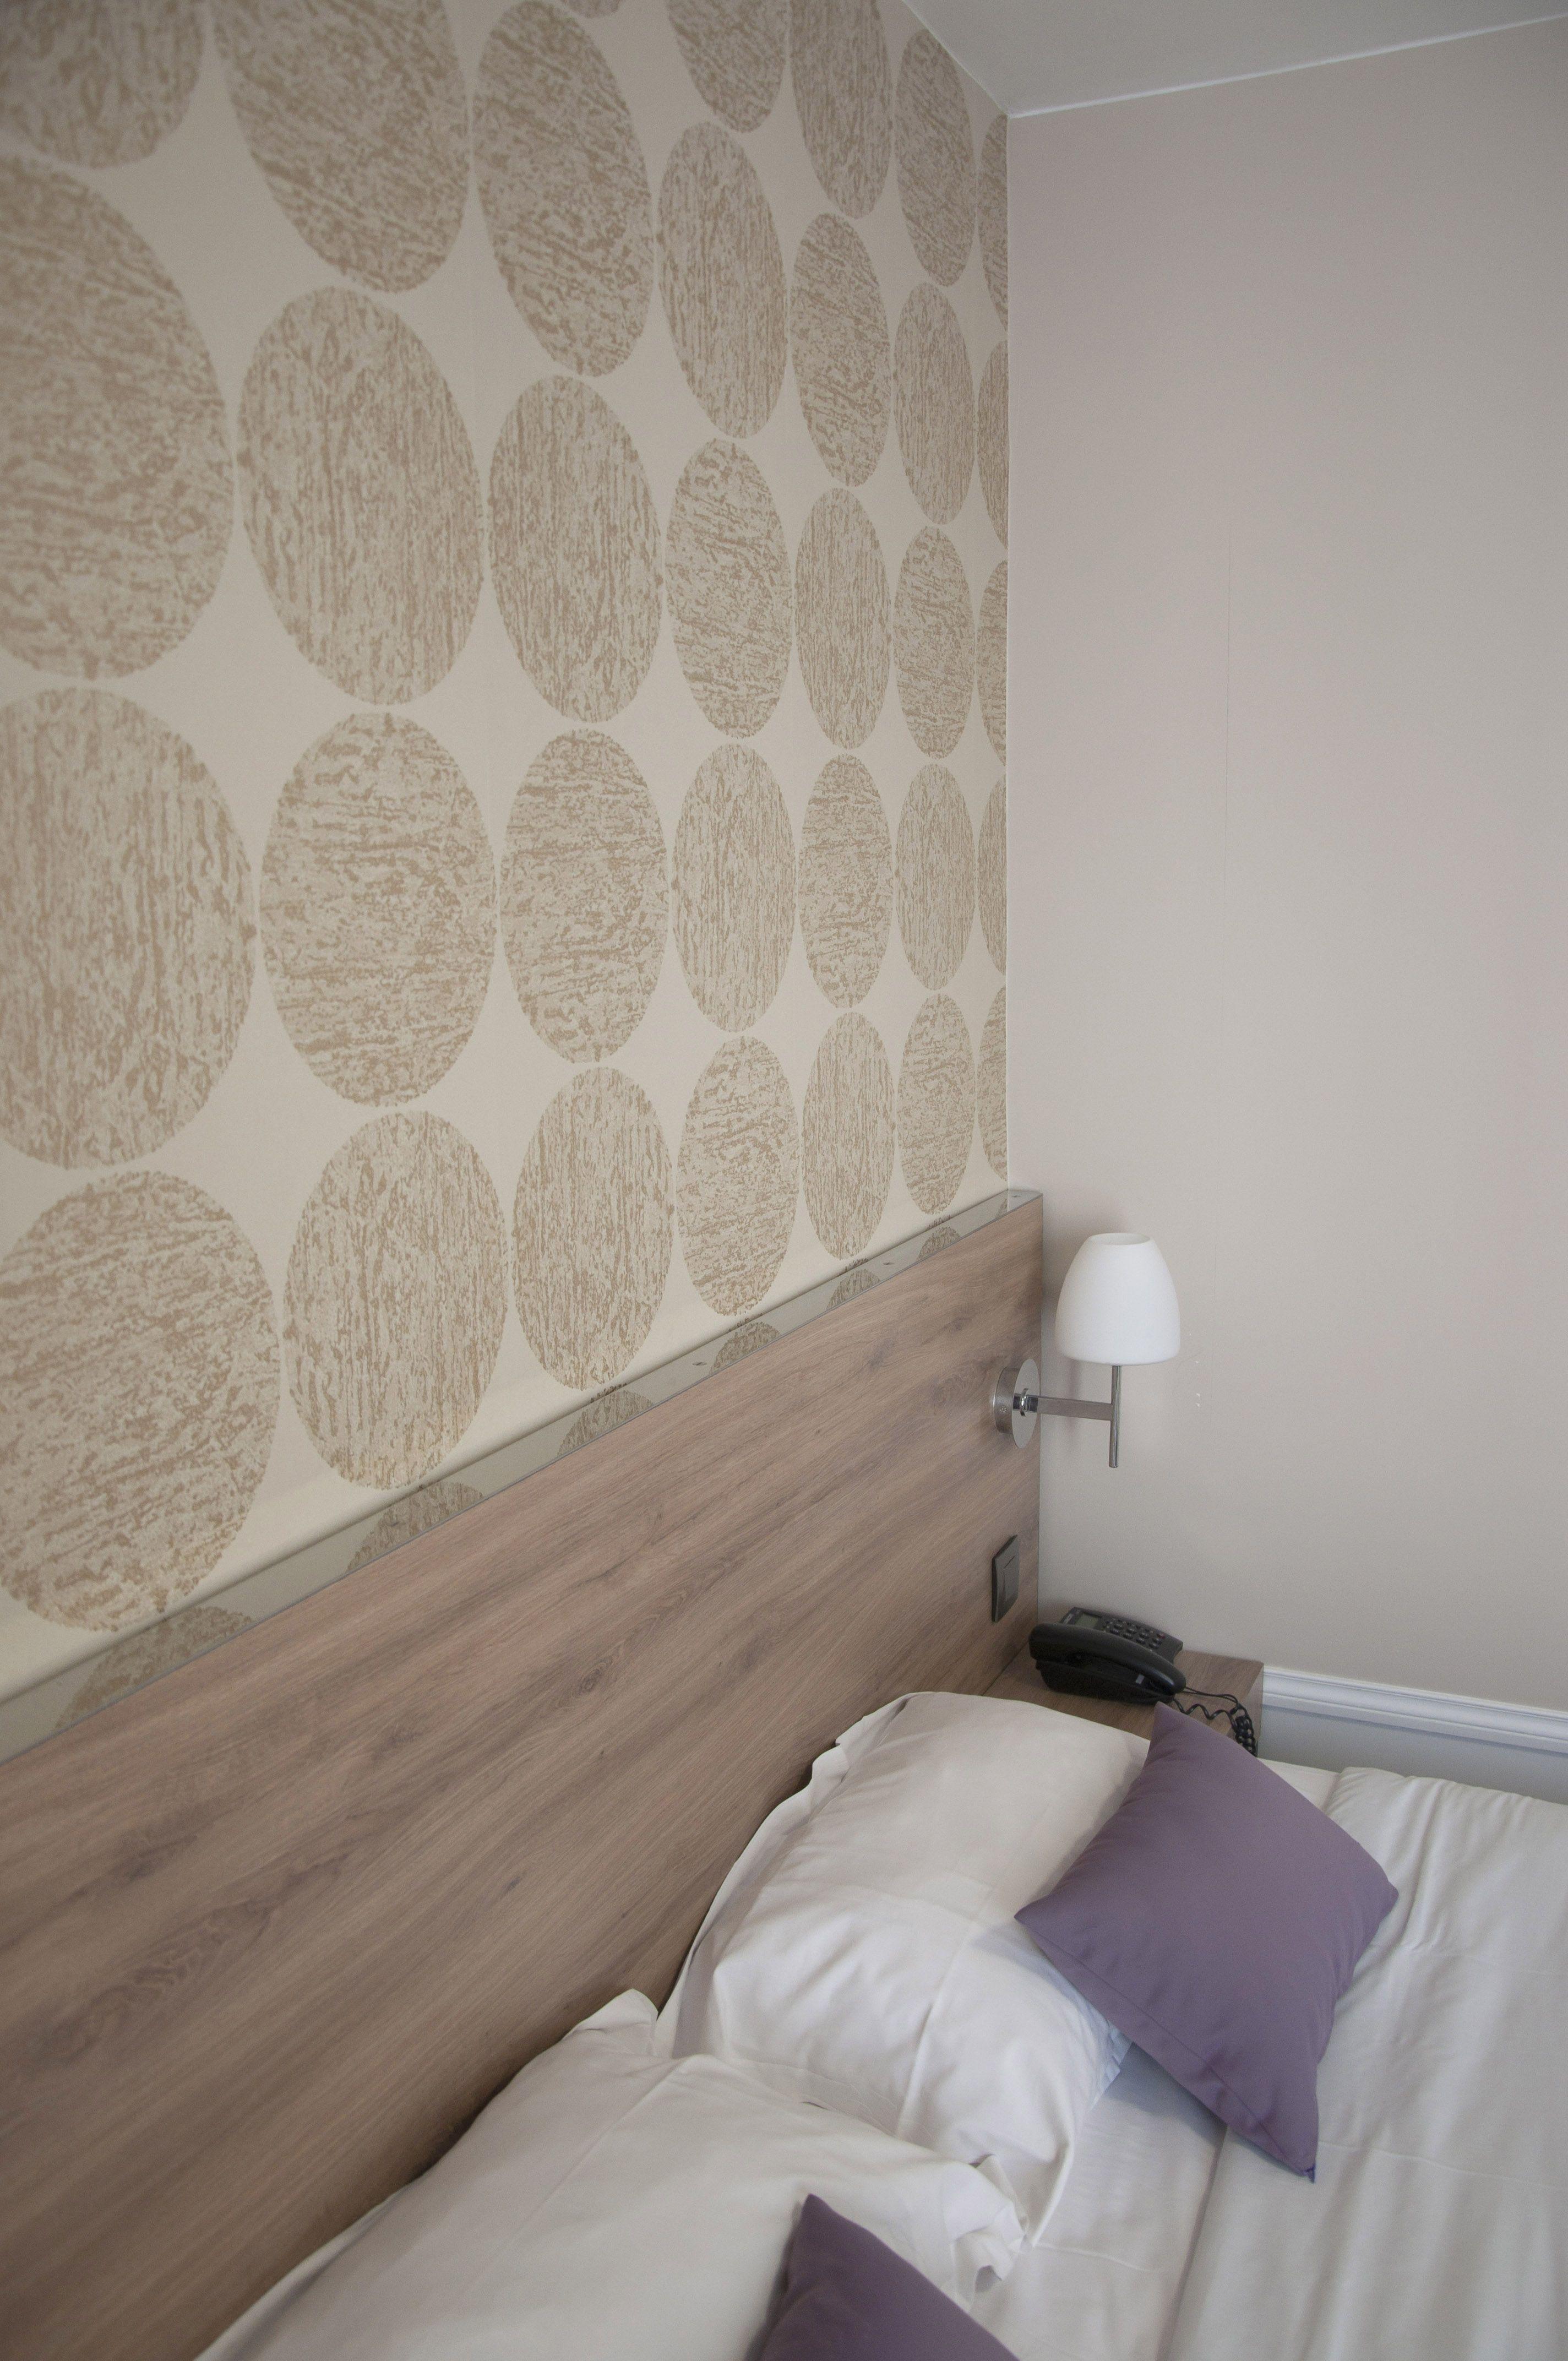 Joli papier peint cole son chambre d 39 h tel paris for Chambre hotel florence